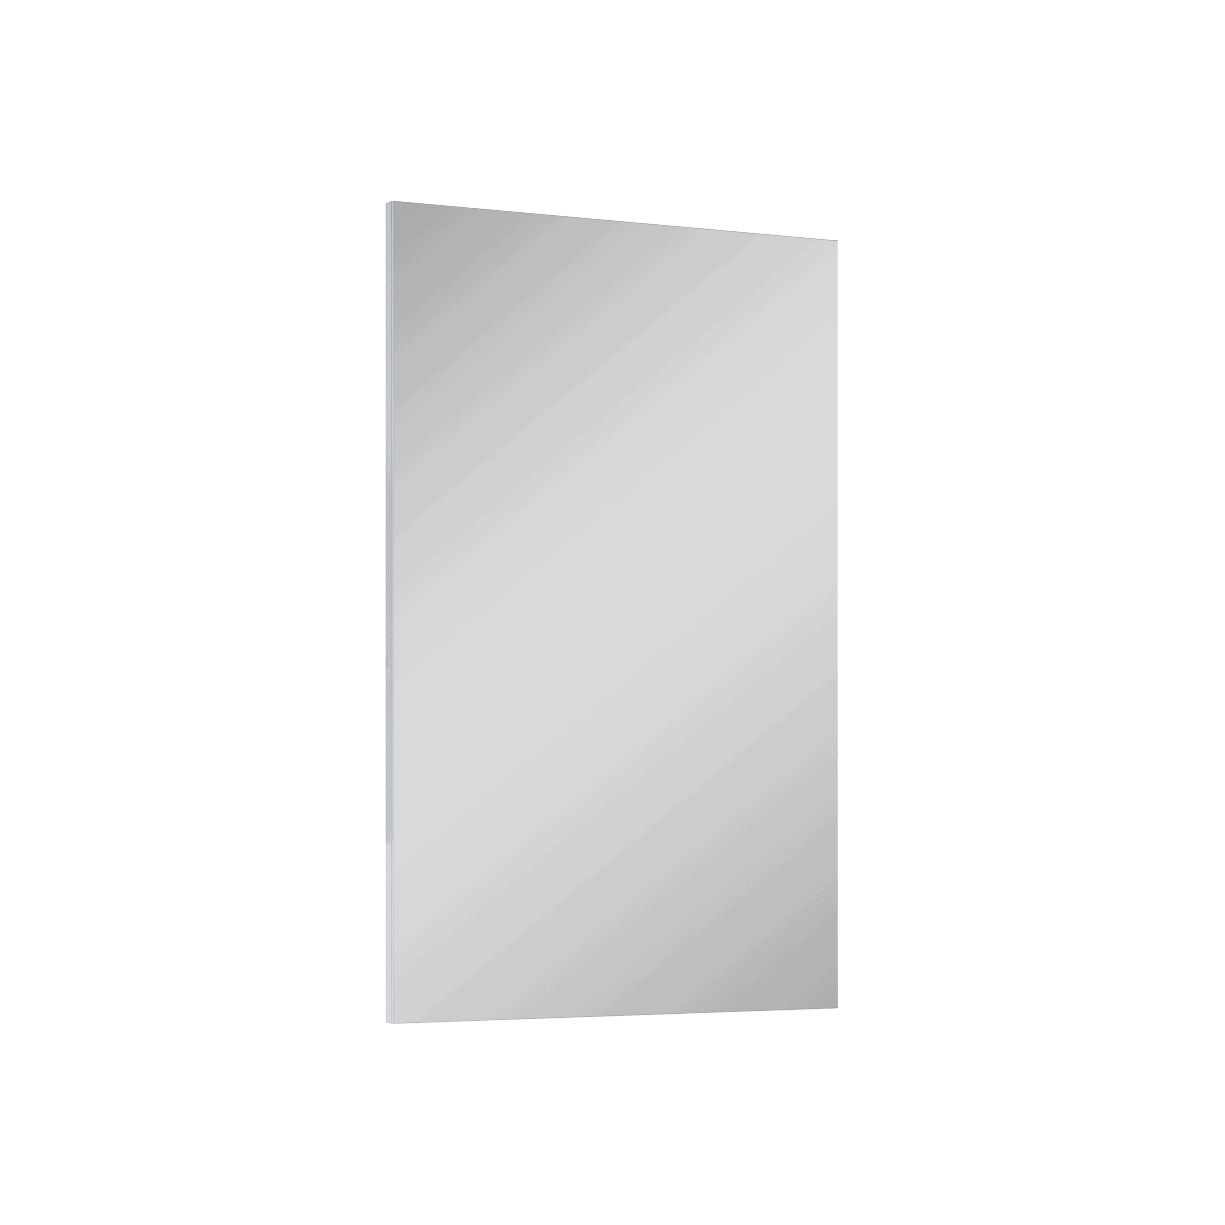 Lustro Elita Na płycie Sote 50x80cm 166451